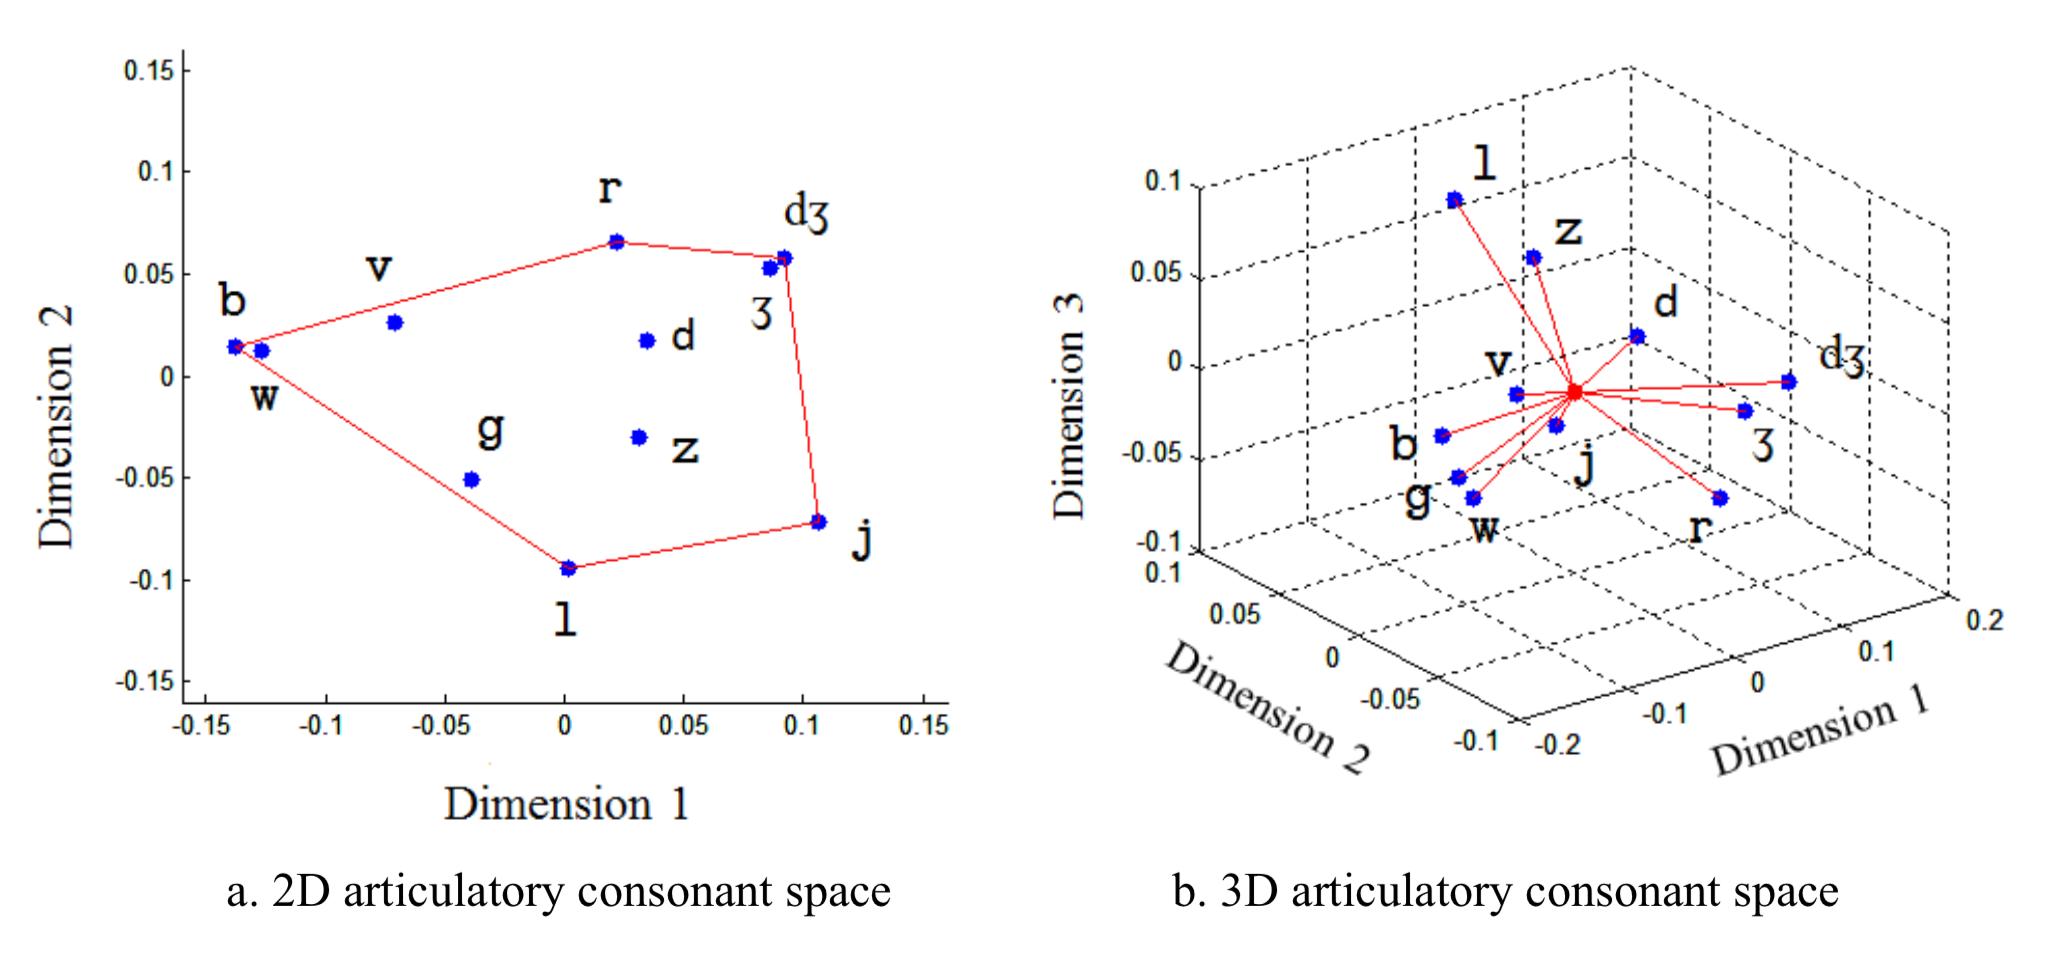 Articulatory Consonant Spaces